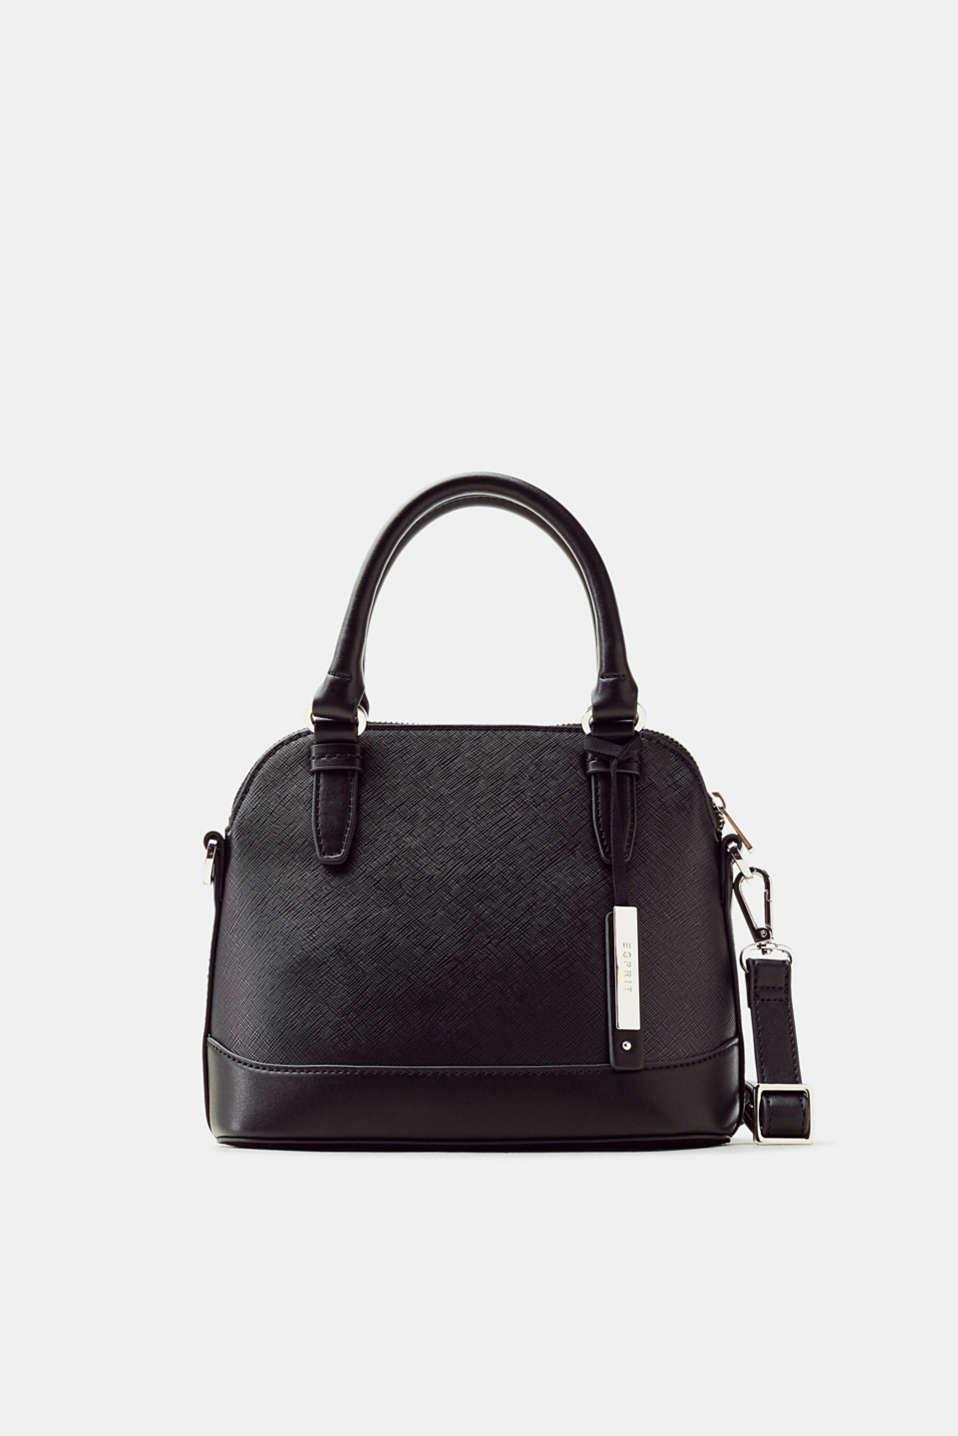 Schulterttasche in Leder-Optik für Damen Black Esprit 6Cqzt